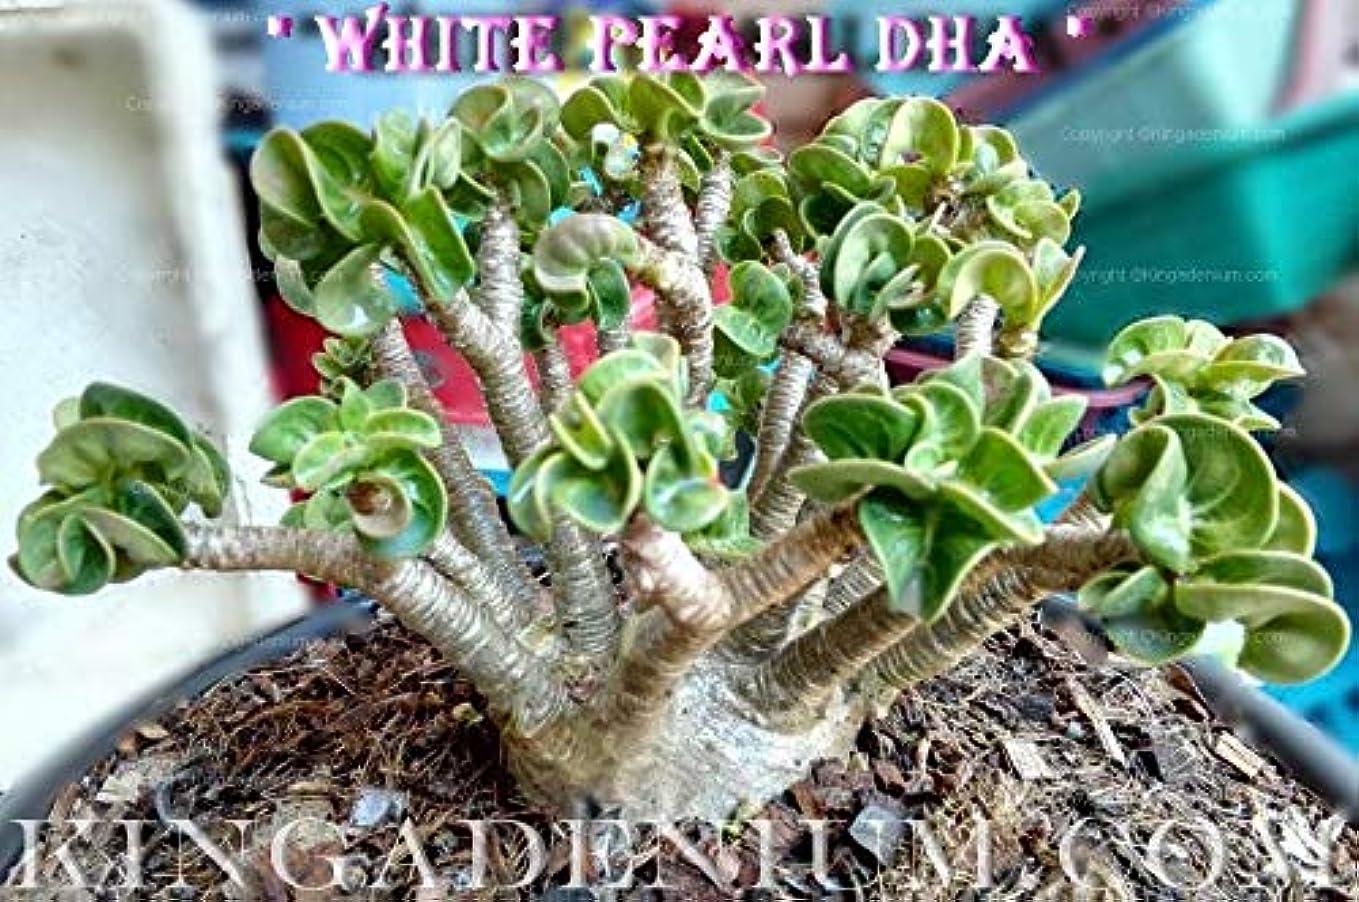 トライアスリート日付傘有機種子だけでなく、植物:PEARL DHA DORSET HORNアデニウムTHAI SOCOTRANUM DESERTは100 SEEDSのSEEDS NEW HYB BY FERRYをROSE